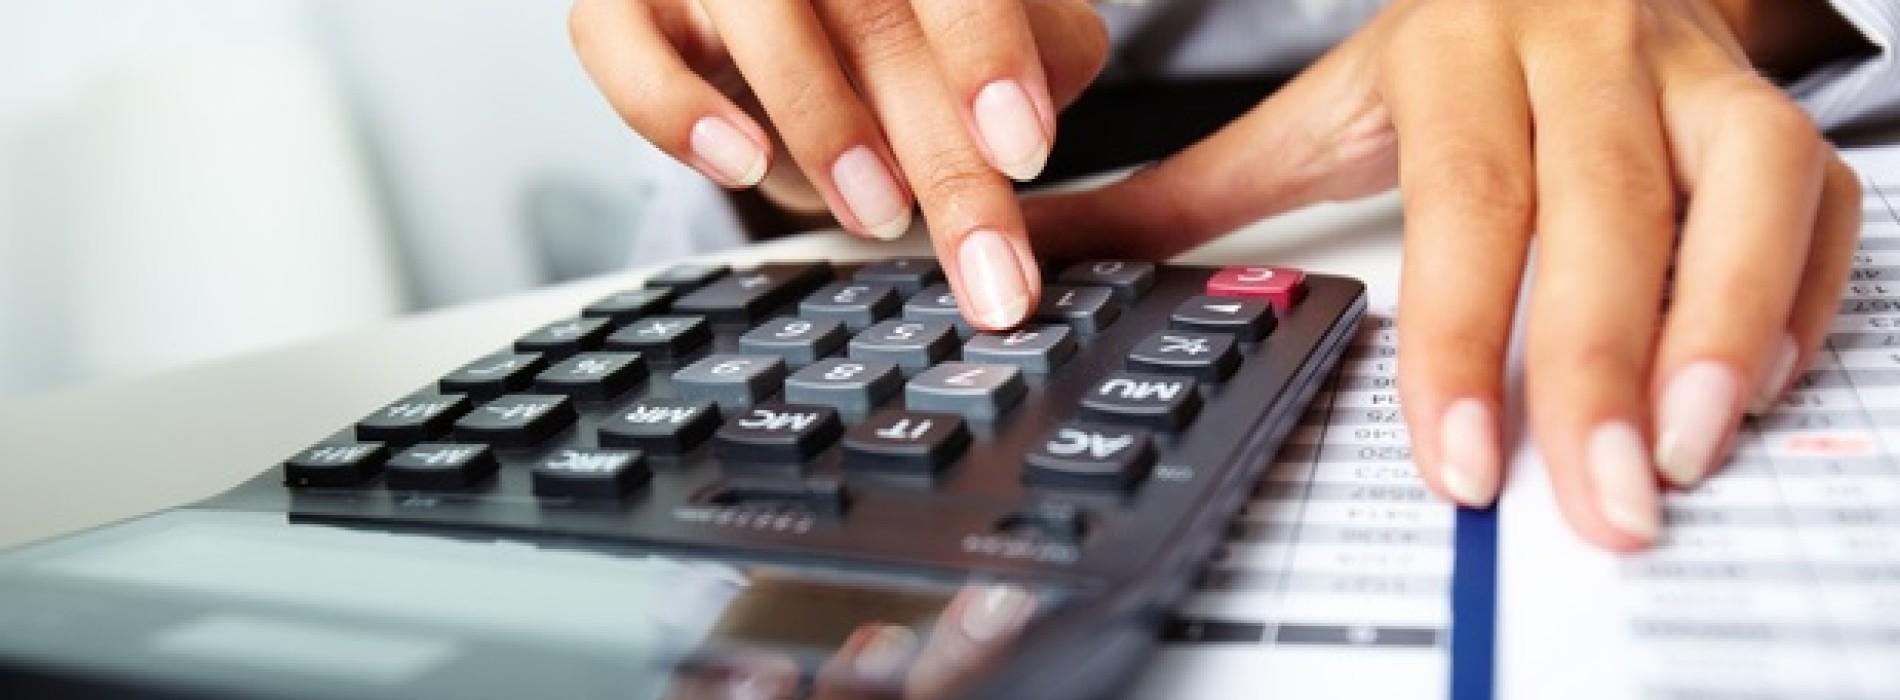 Jak wykorzystać w firmie nowe zwolnienia z podatku?